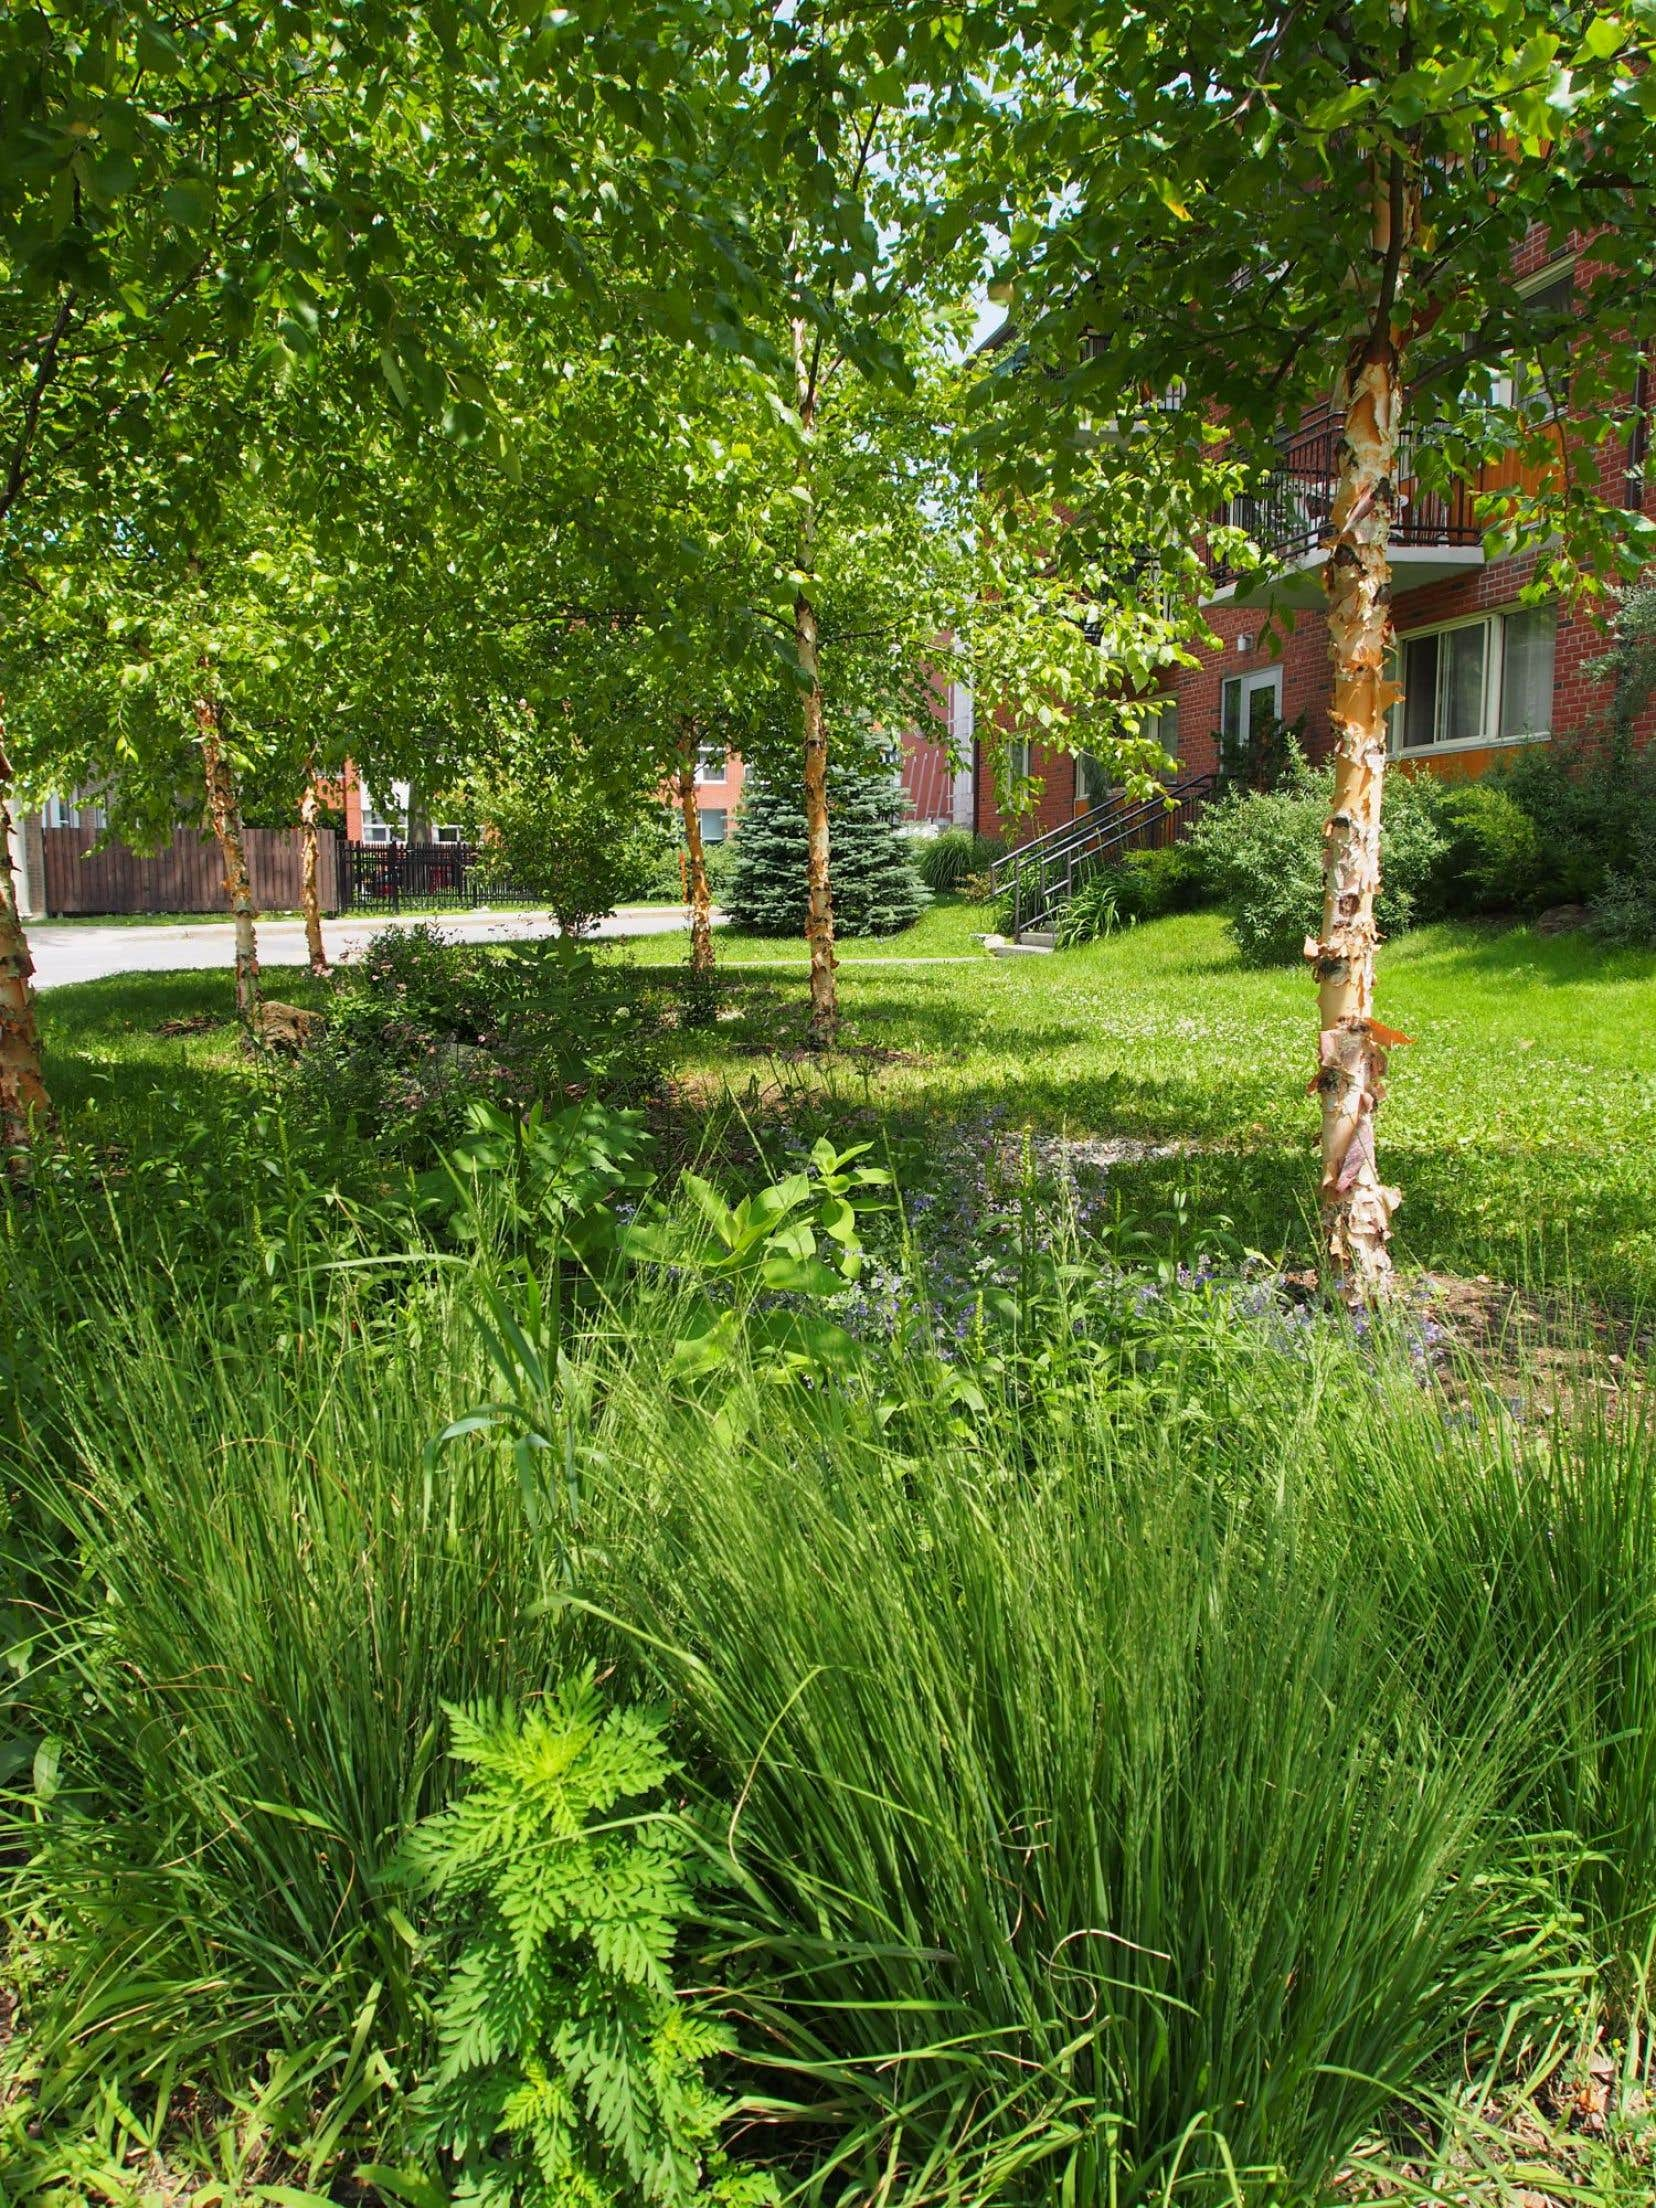 Un jardin de pluie s'intègre sur une lègère dépression ou sur une cuvette qu'on creuse. Cela permet un meilleur écoulement des eaux, comme ici, le jardin de pluie des Habitations Jeanne-Mance, à Montréal, qui recueille l'eau du stationnement.